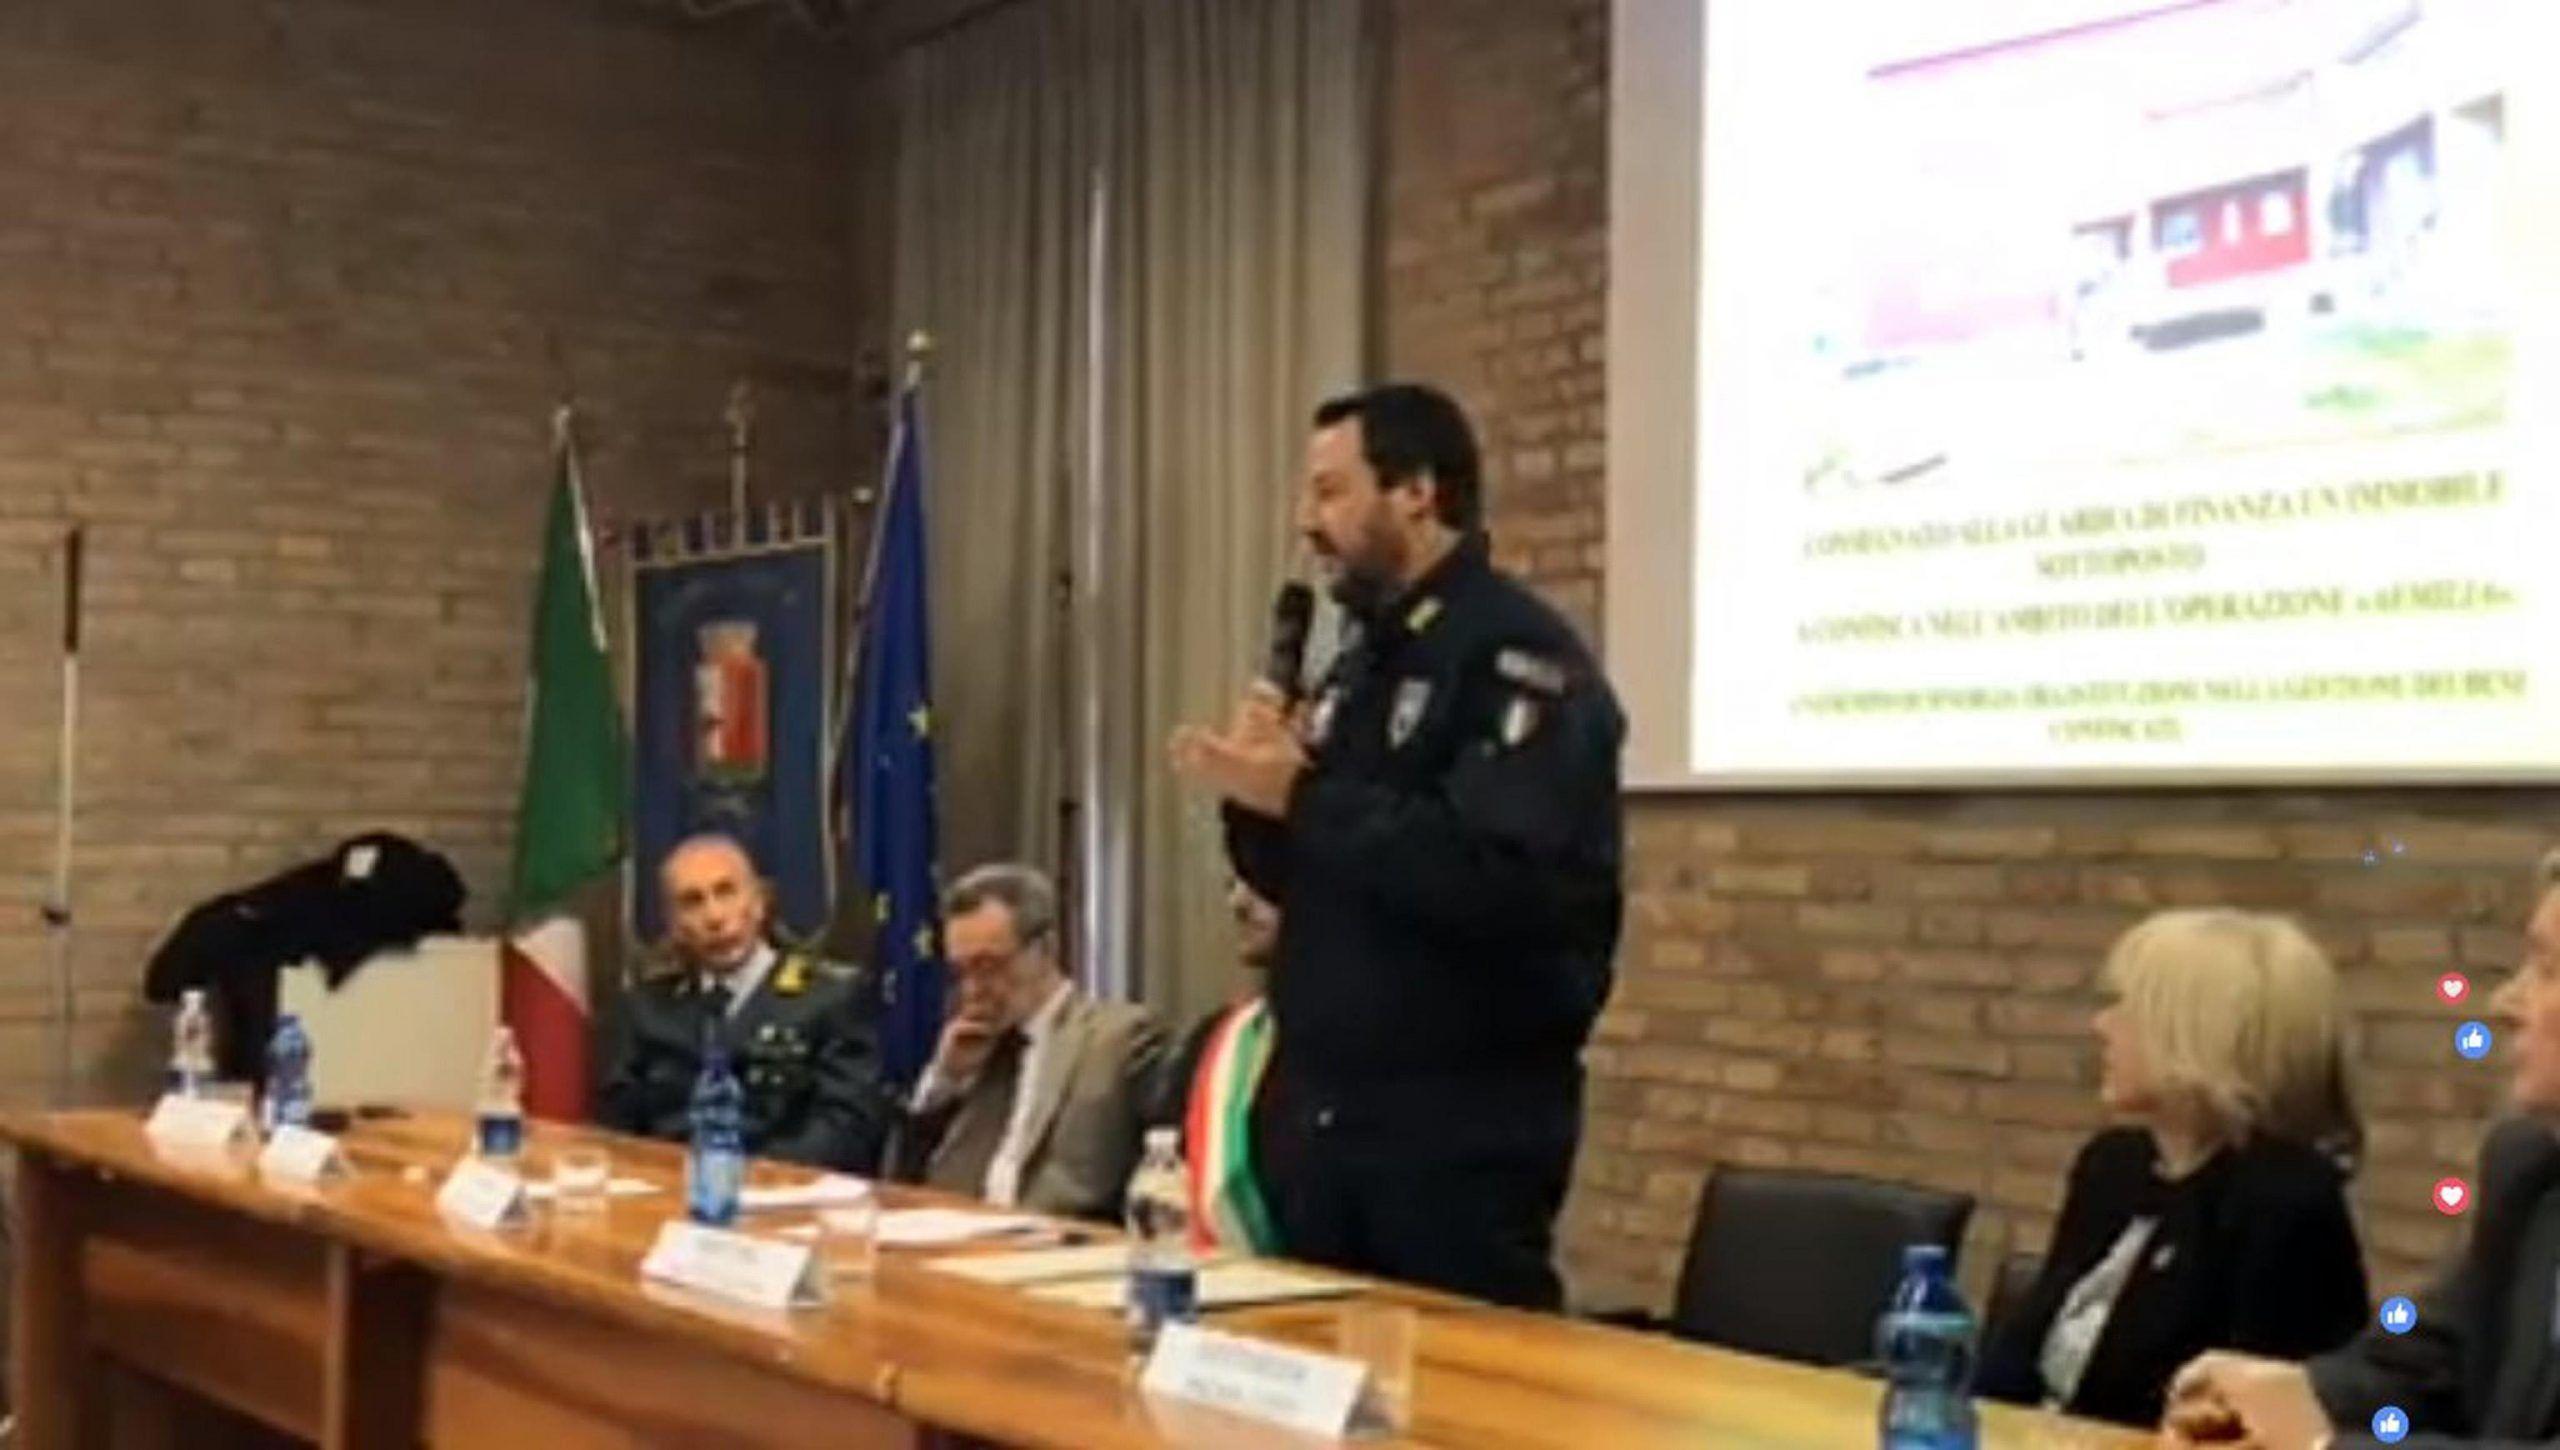 Salvini su mafia, camorra e 'ndrangheta: 'Cancellate tra qualche mese dall'Italia'